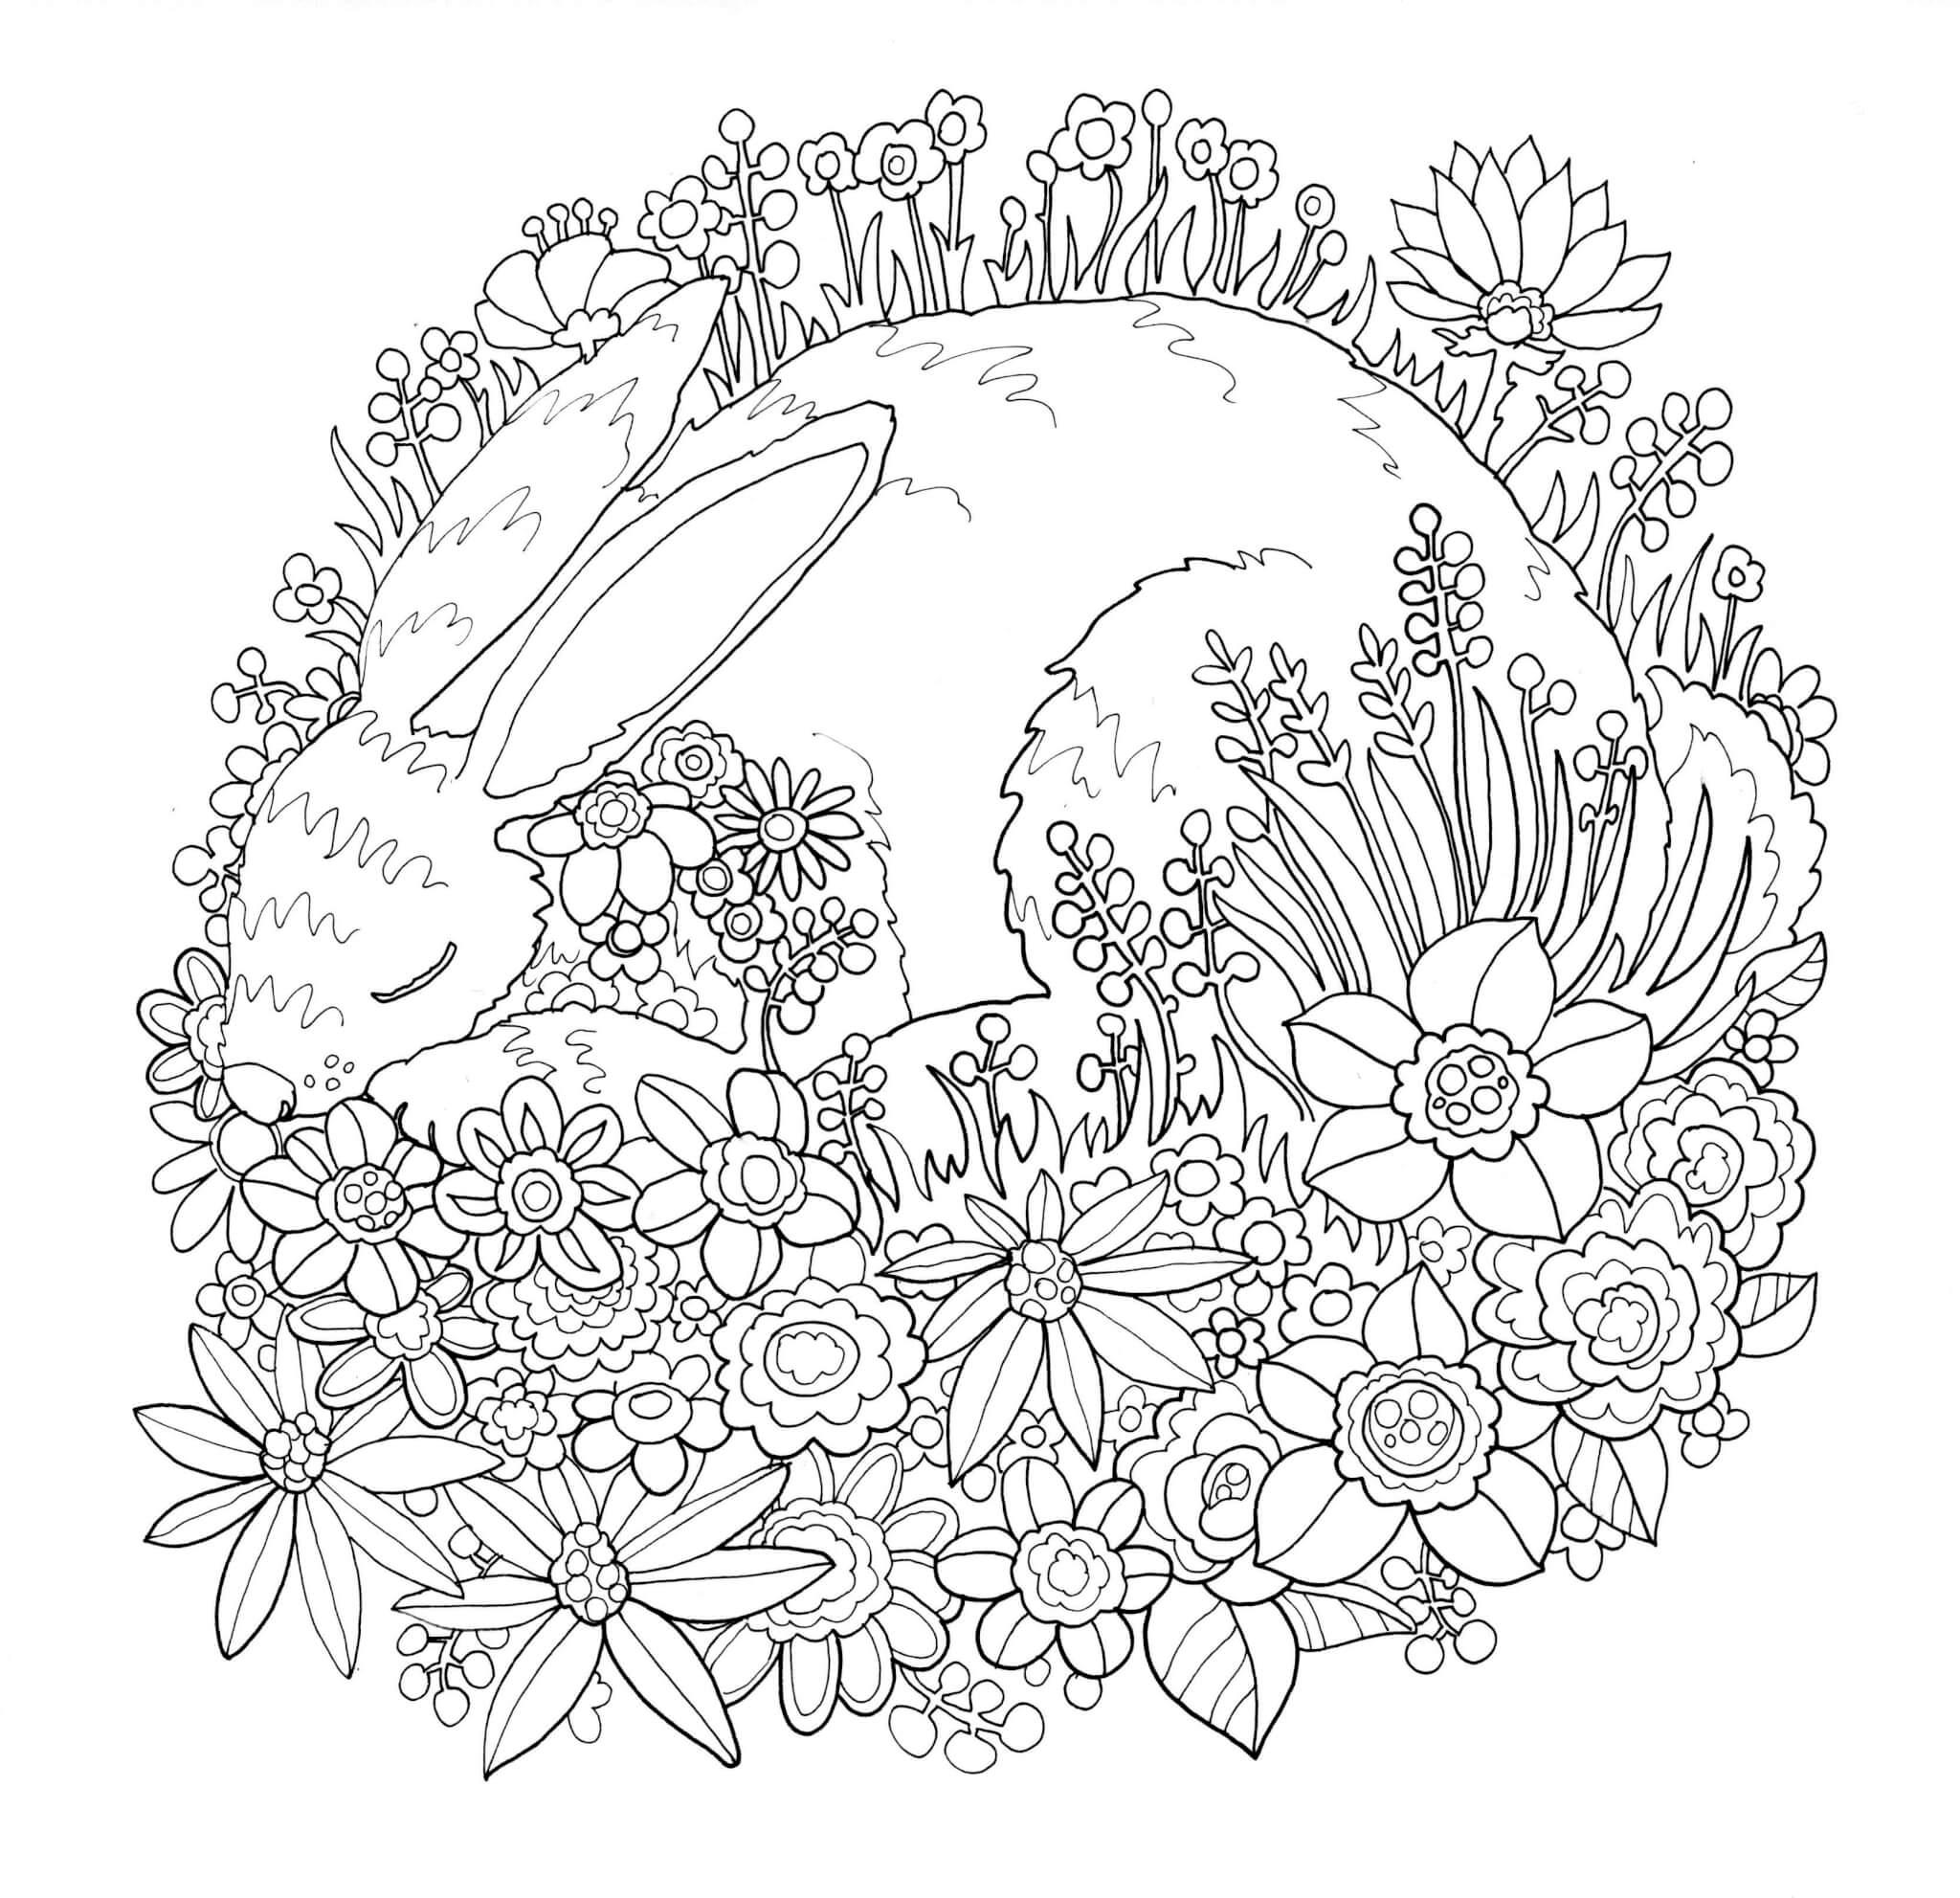 Раскраска Зайчик и цветочки